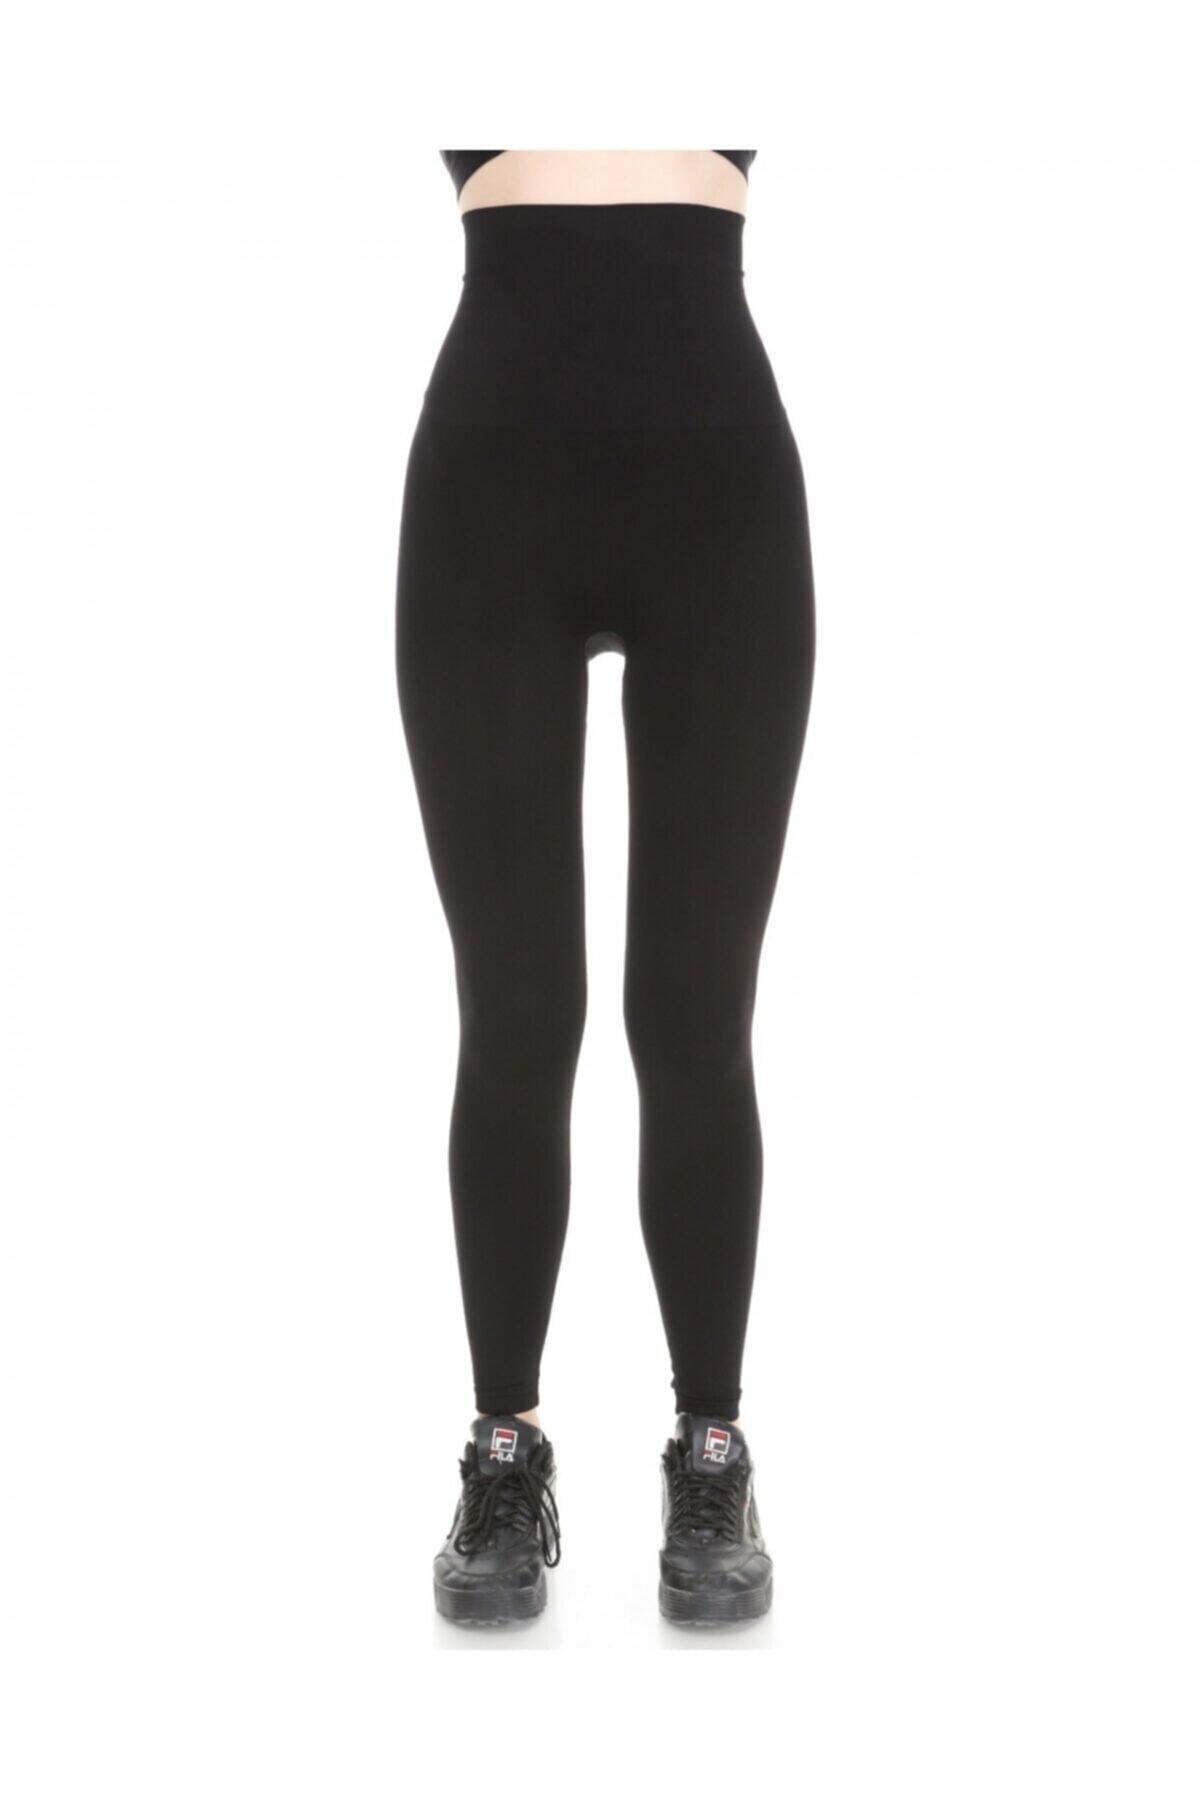 Artisan underwear Kadın Toparlayıcı Yüksek Bel Tayt 1